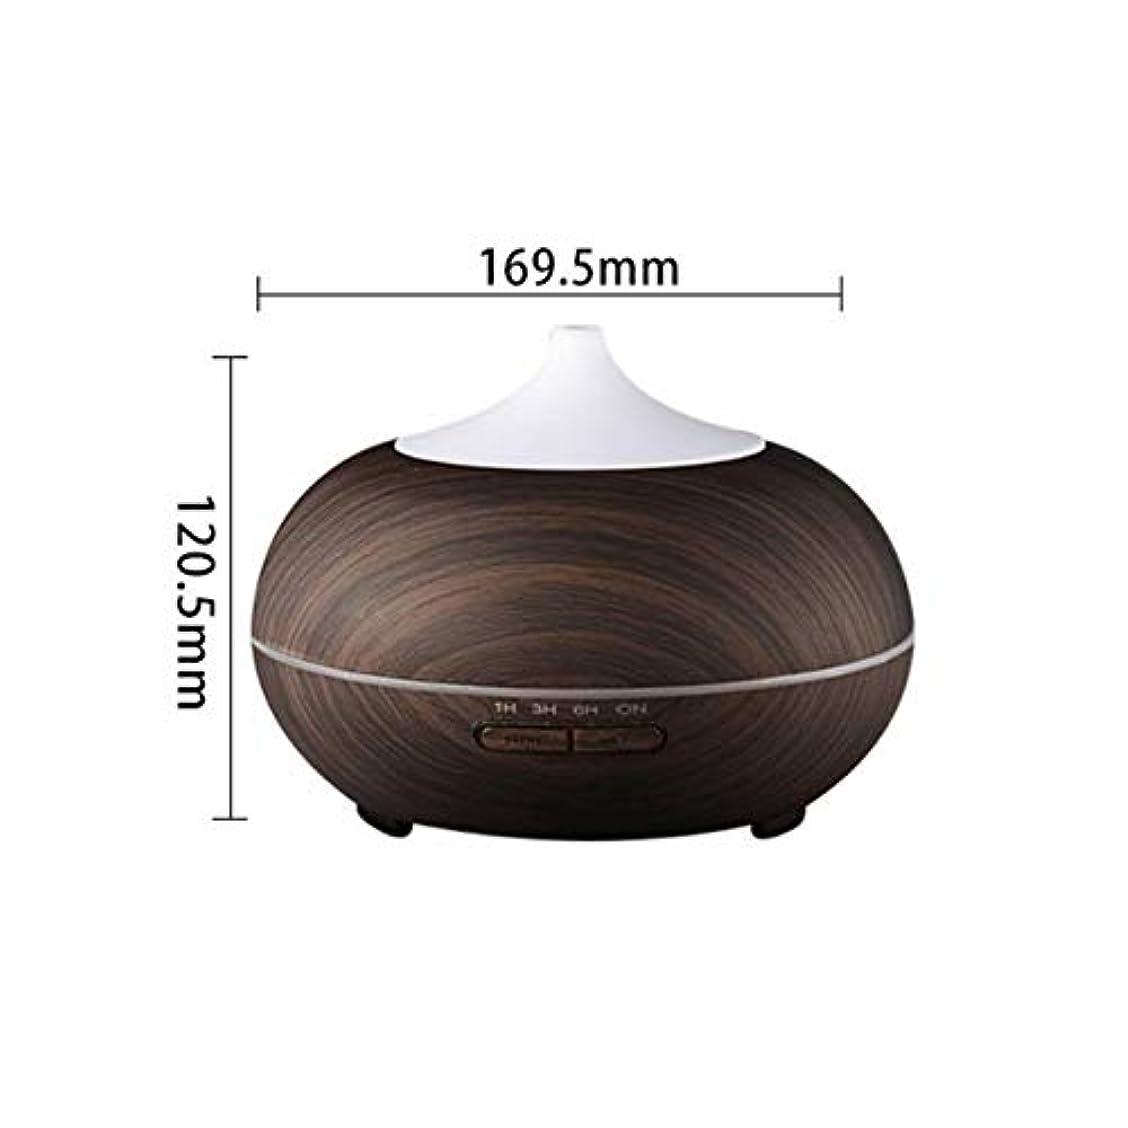 ラフレシアアルノルディヘルシー飲み込む木目 涼しい霧 加湿器,7 色 空気を浄化 加湿機 時間 手動 Wifiアプリコントロール 精油 ディフューザー アロマネブライザー Yoga- 300ml